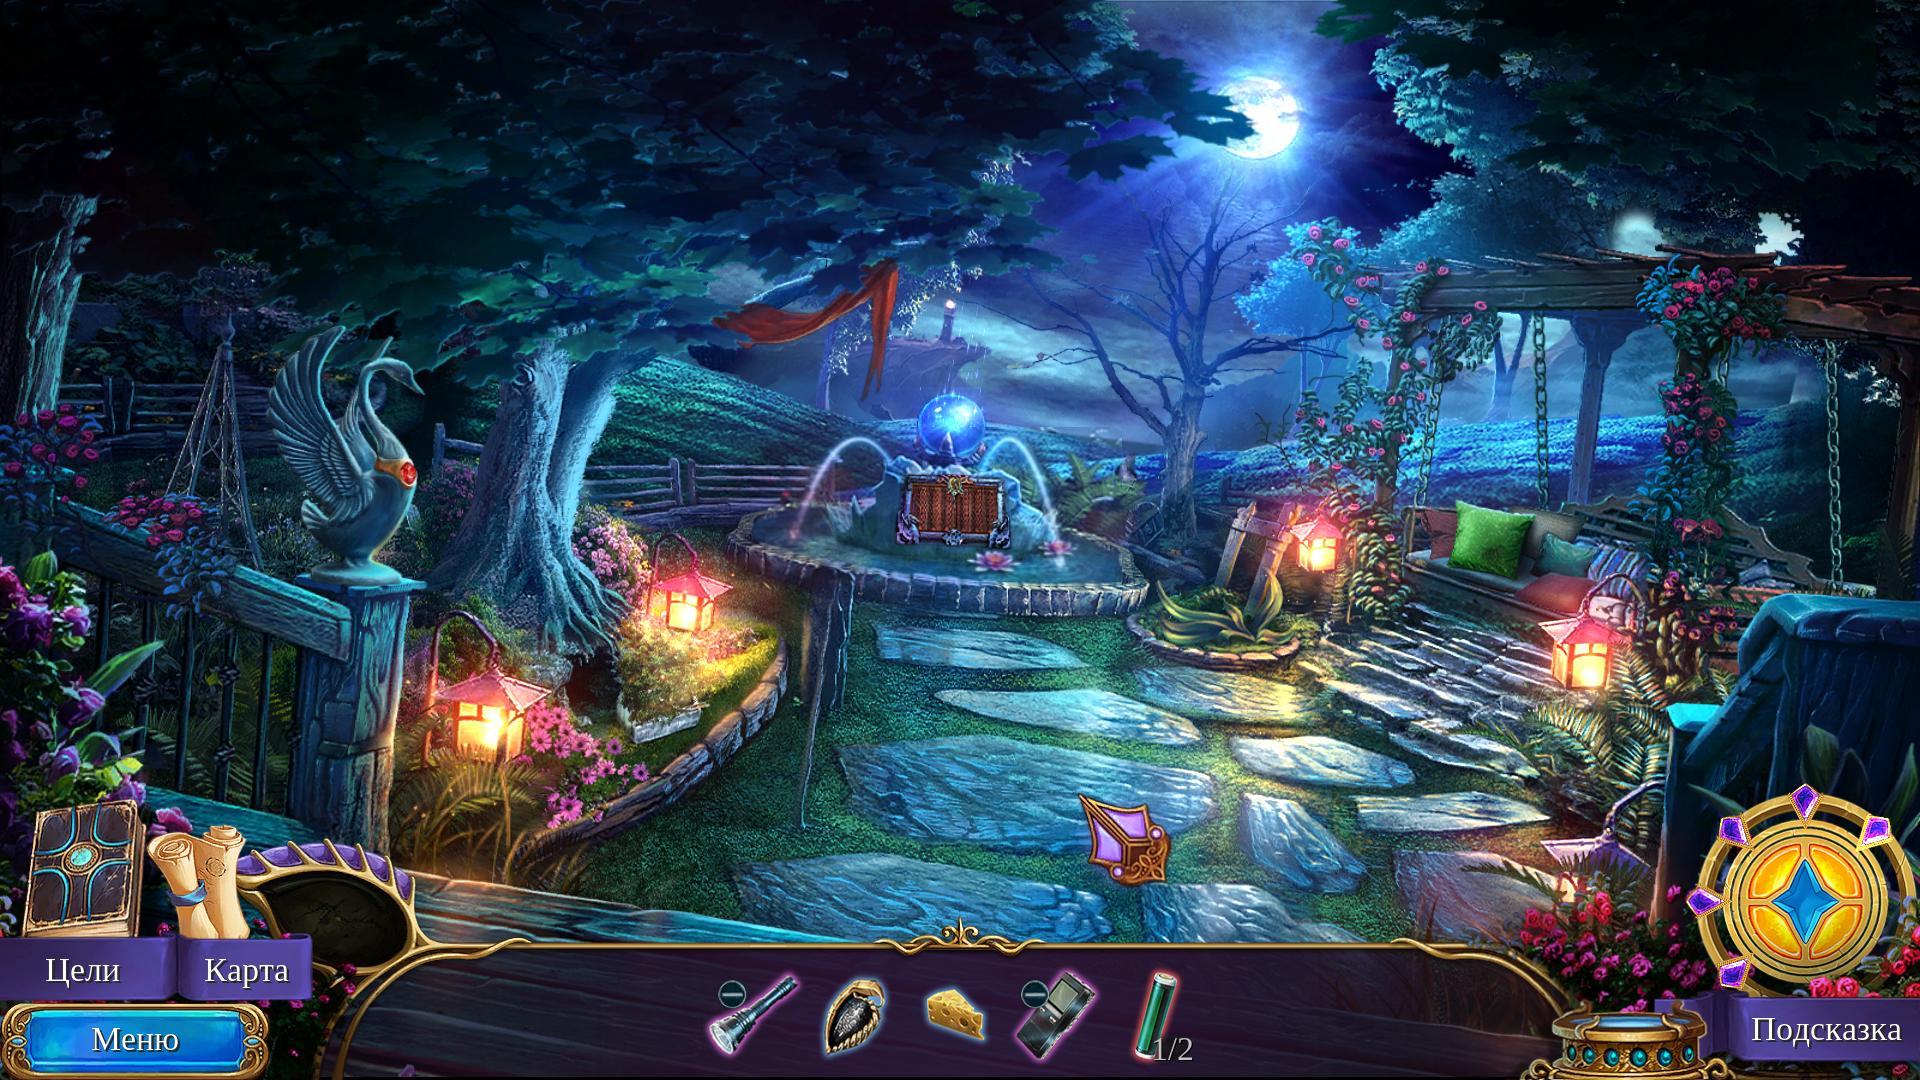 http://fs5.directupload.net/images/170409/ntpvojbo.jpg